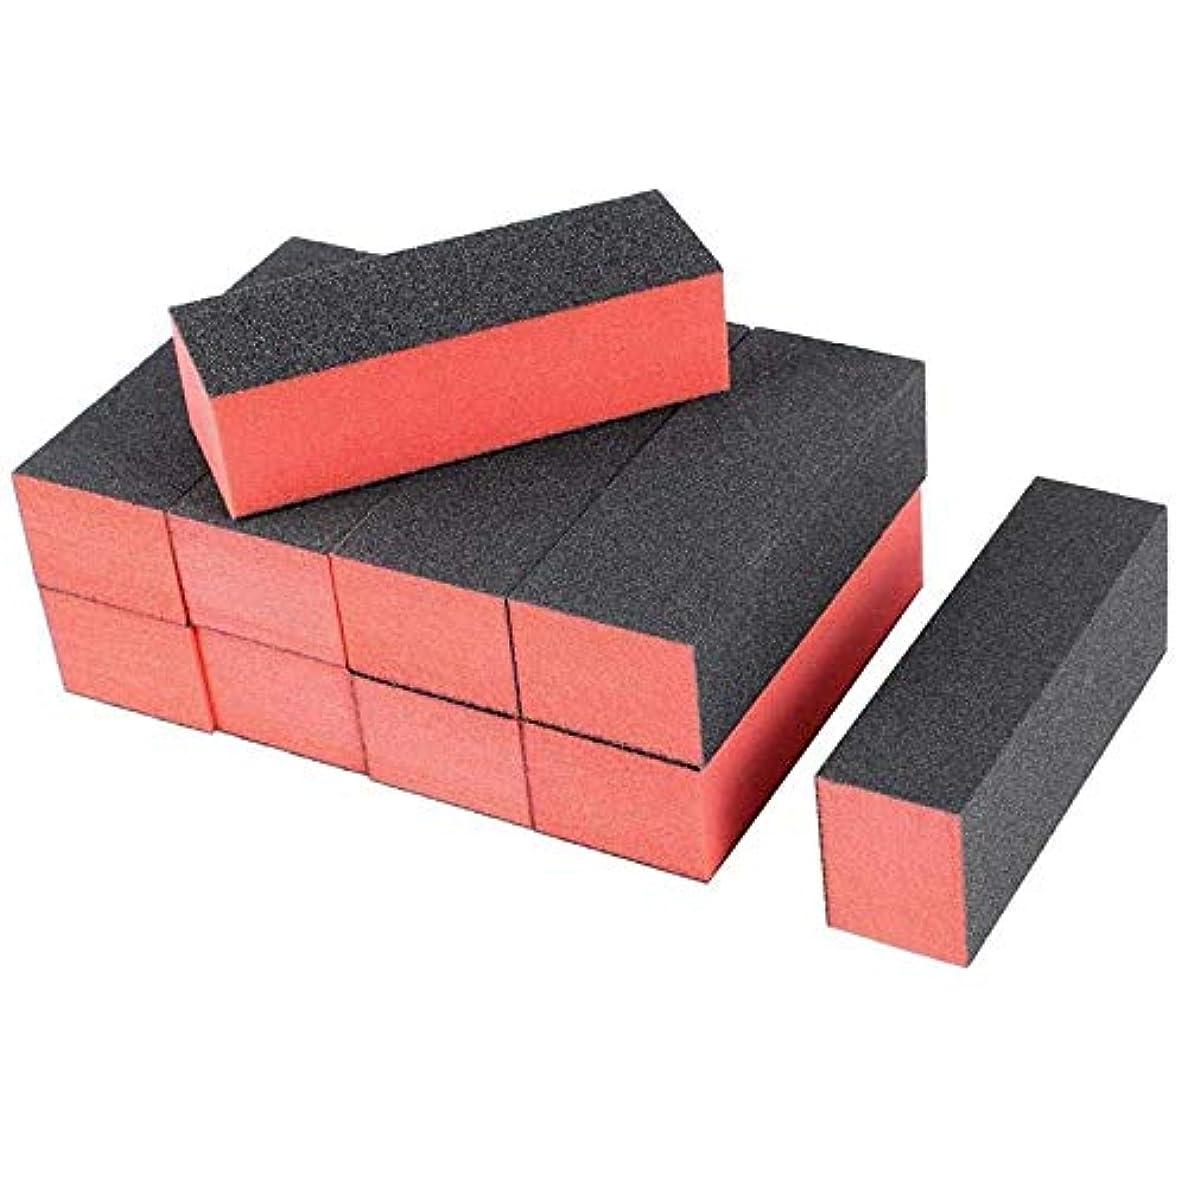 ラッドヤードキップリング空気暫定SODIAL 10点ネイルアートケアバッファバフサンディングブロックファイルグリットアクリルマニキュアツール(プロ用サロン使用)(家庭用)